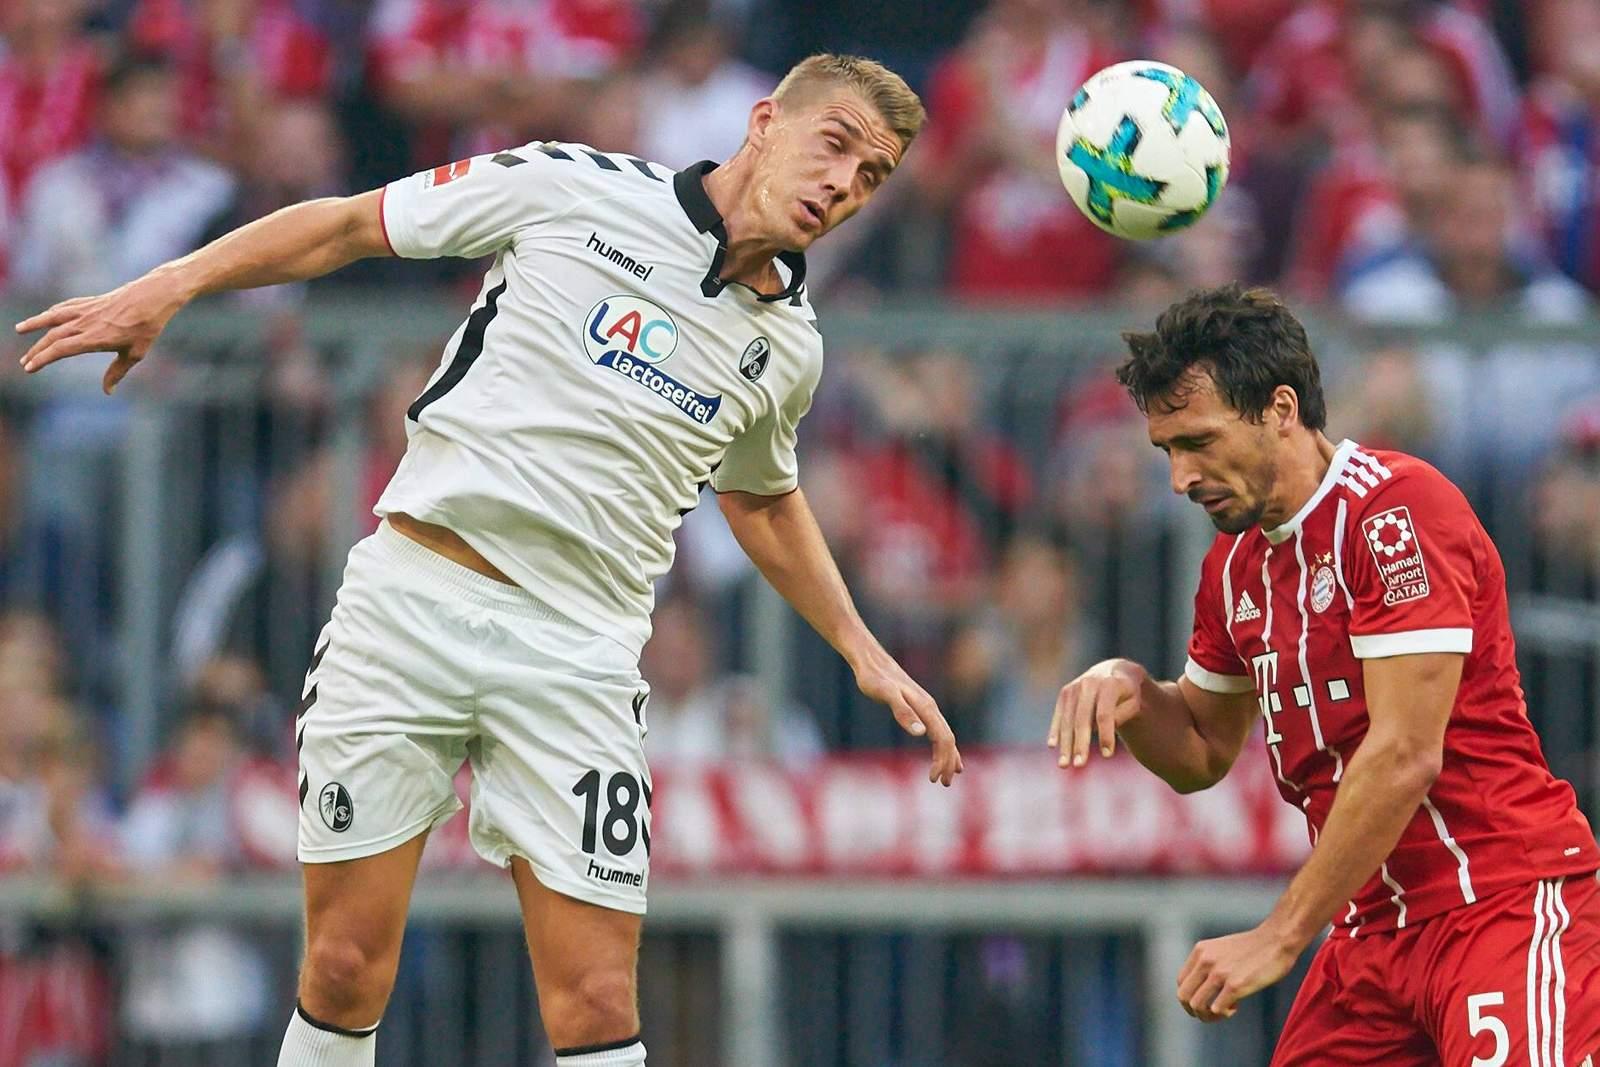 Setzt sich Petersen wieder gegen Hummels durch? Jetzt auf Bayern gegen Freiburg wetten